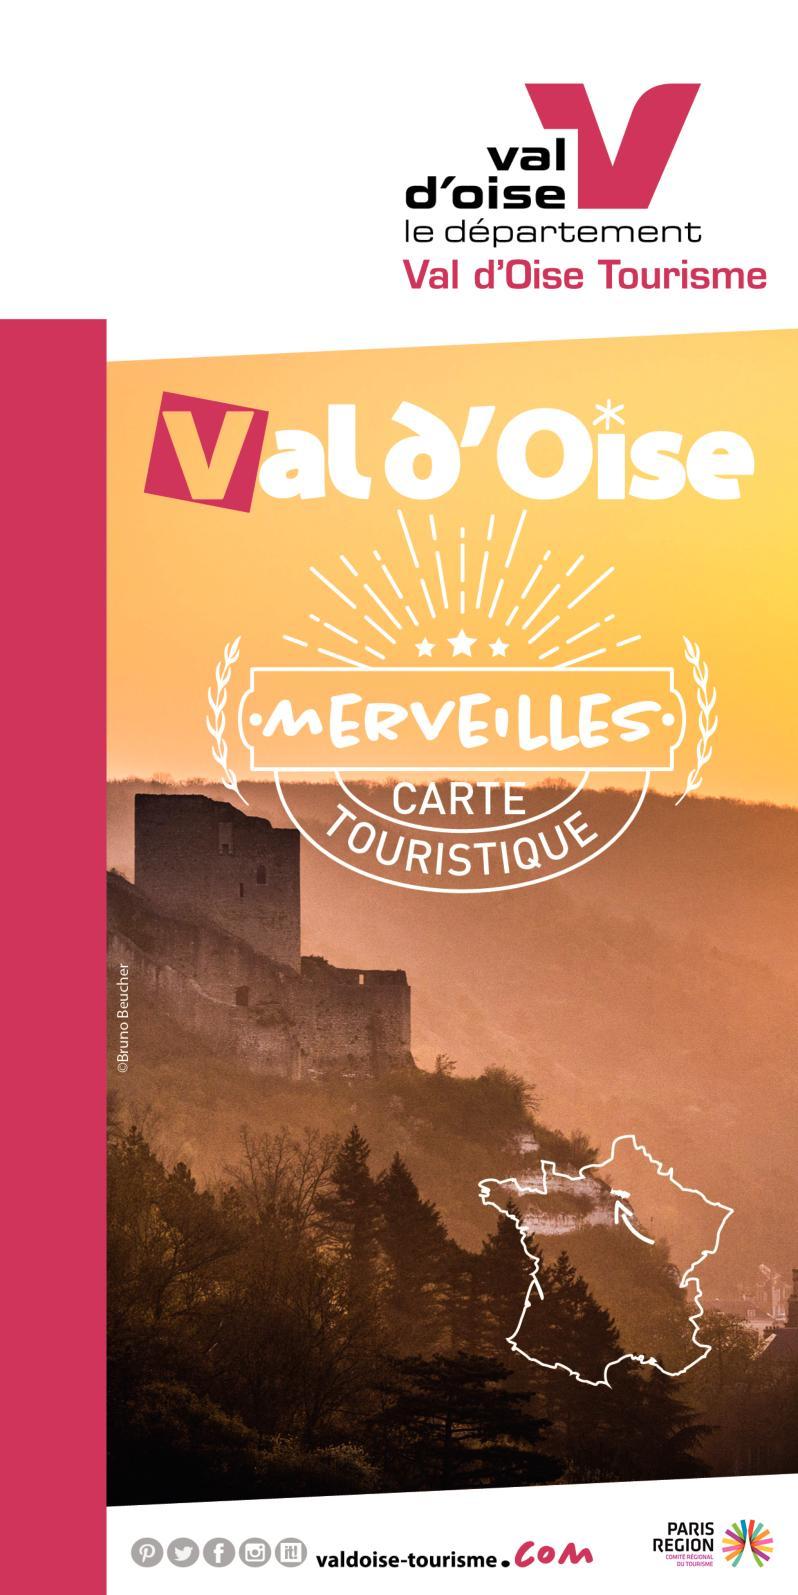 Carte touristique et de randonnées dans le Val d'Oise